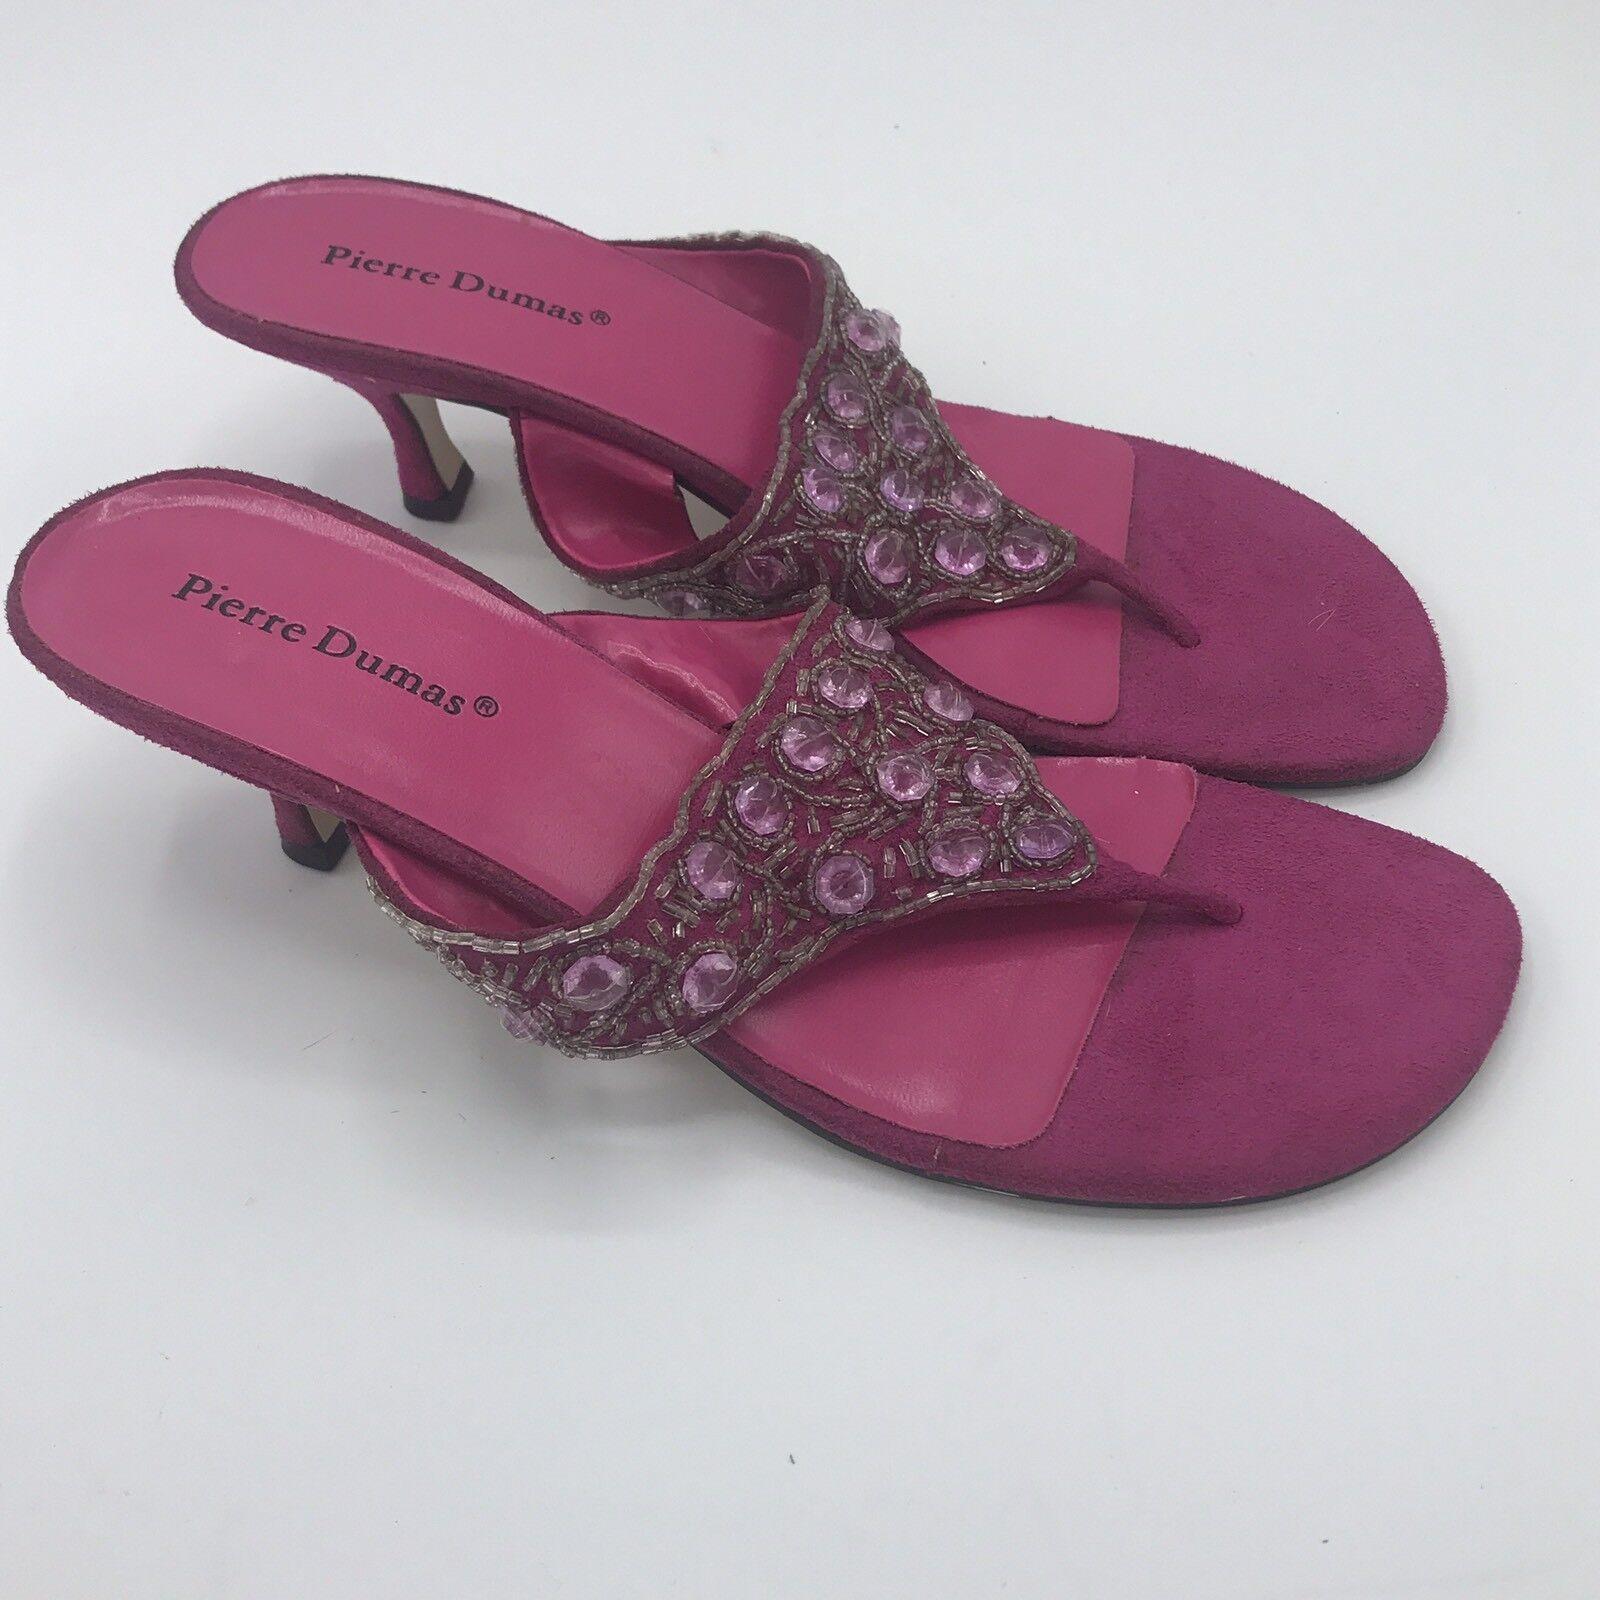 Pierre Dumas Women's Shoes Rosetta Thong Cork Pink Slide Sandal Thong Rosetta Sz 9 Flip Flop 040340